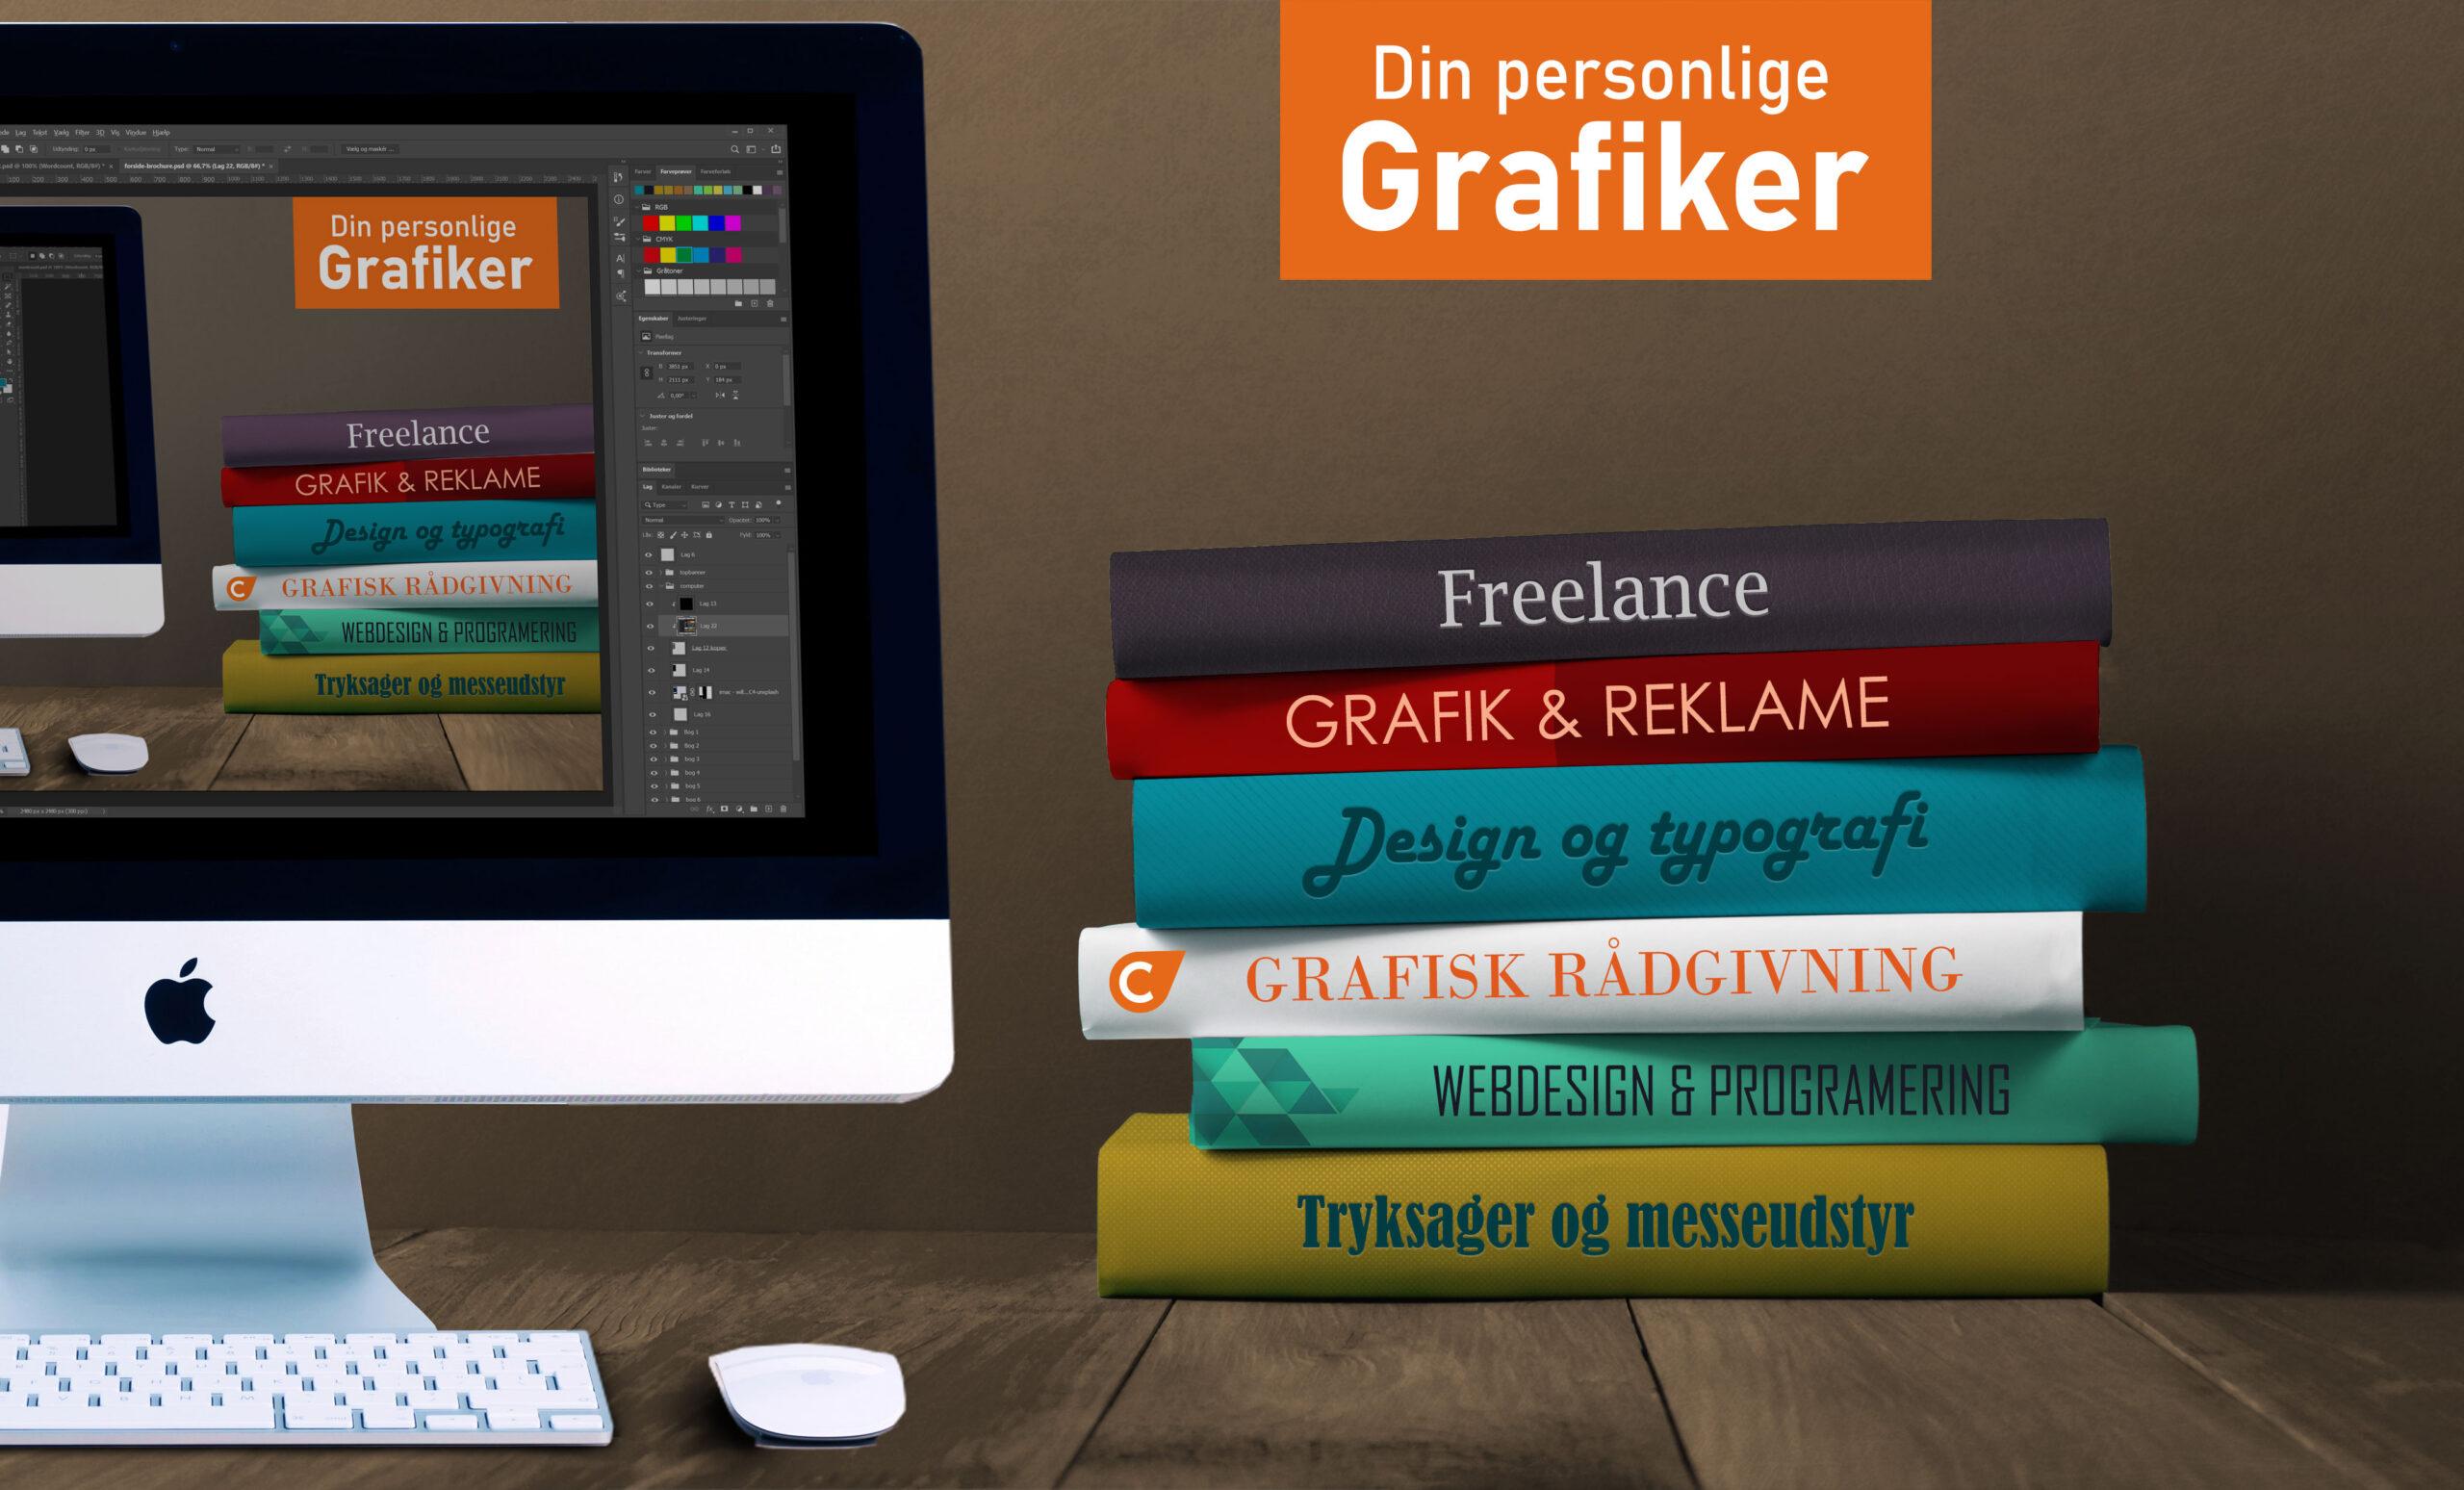 Freelance grafiker